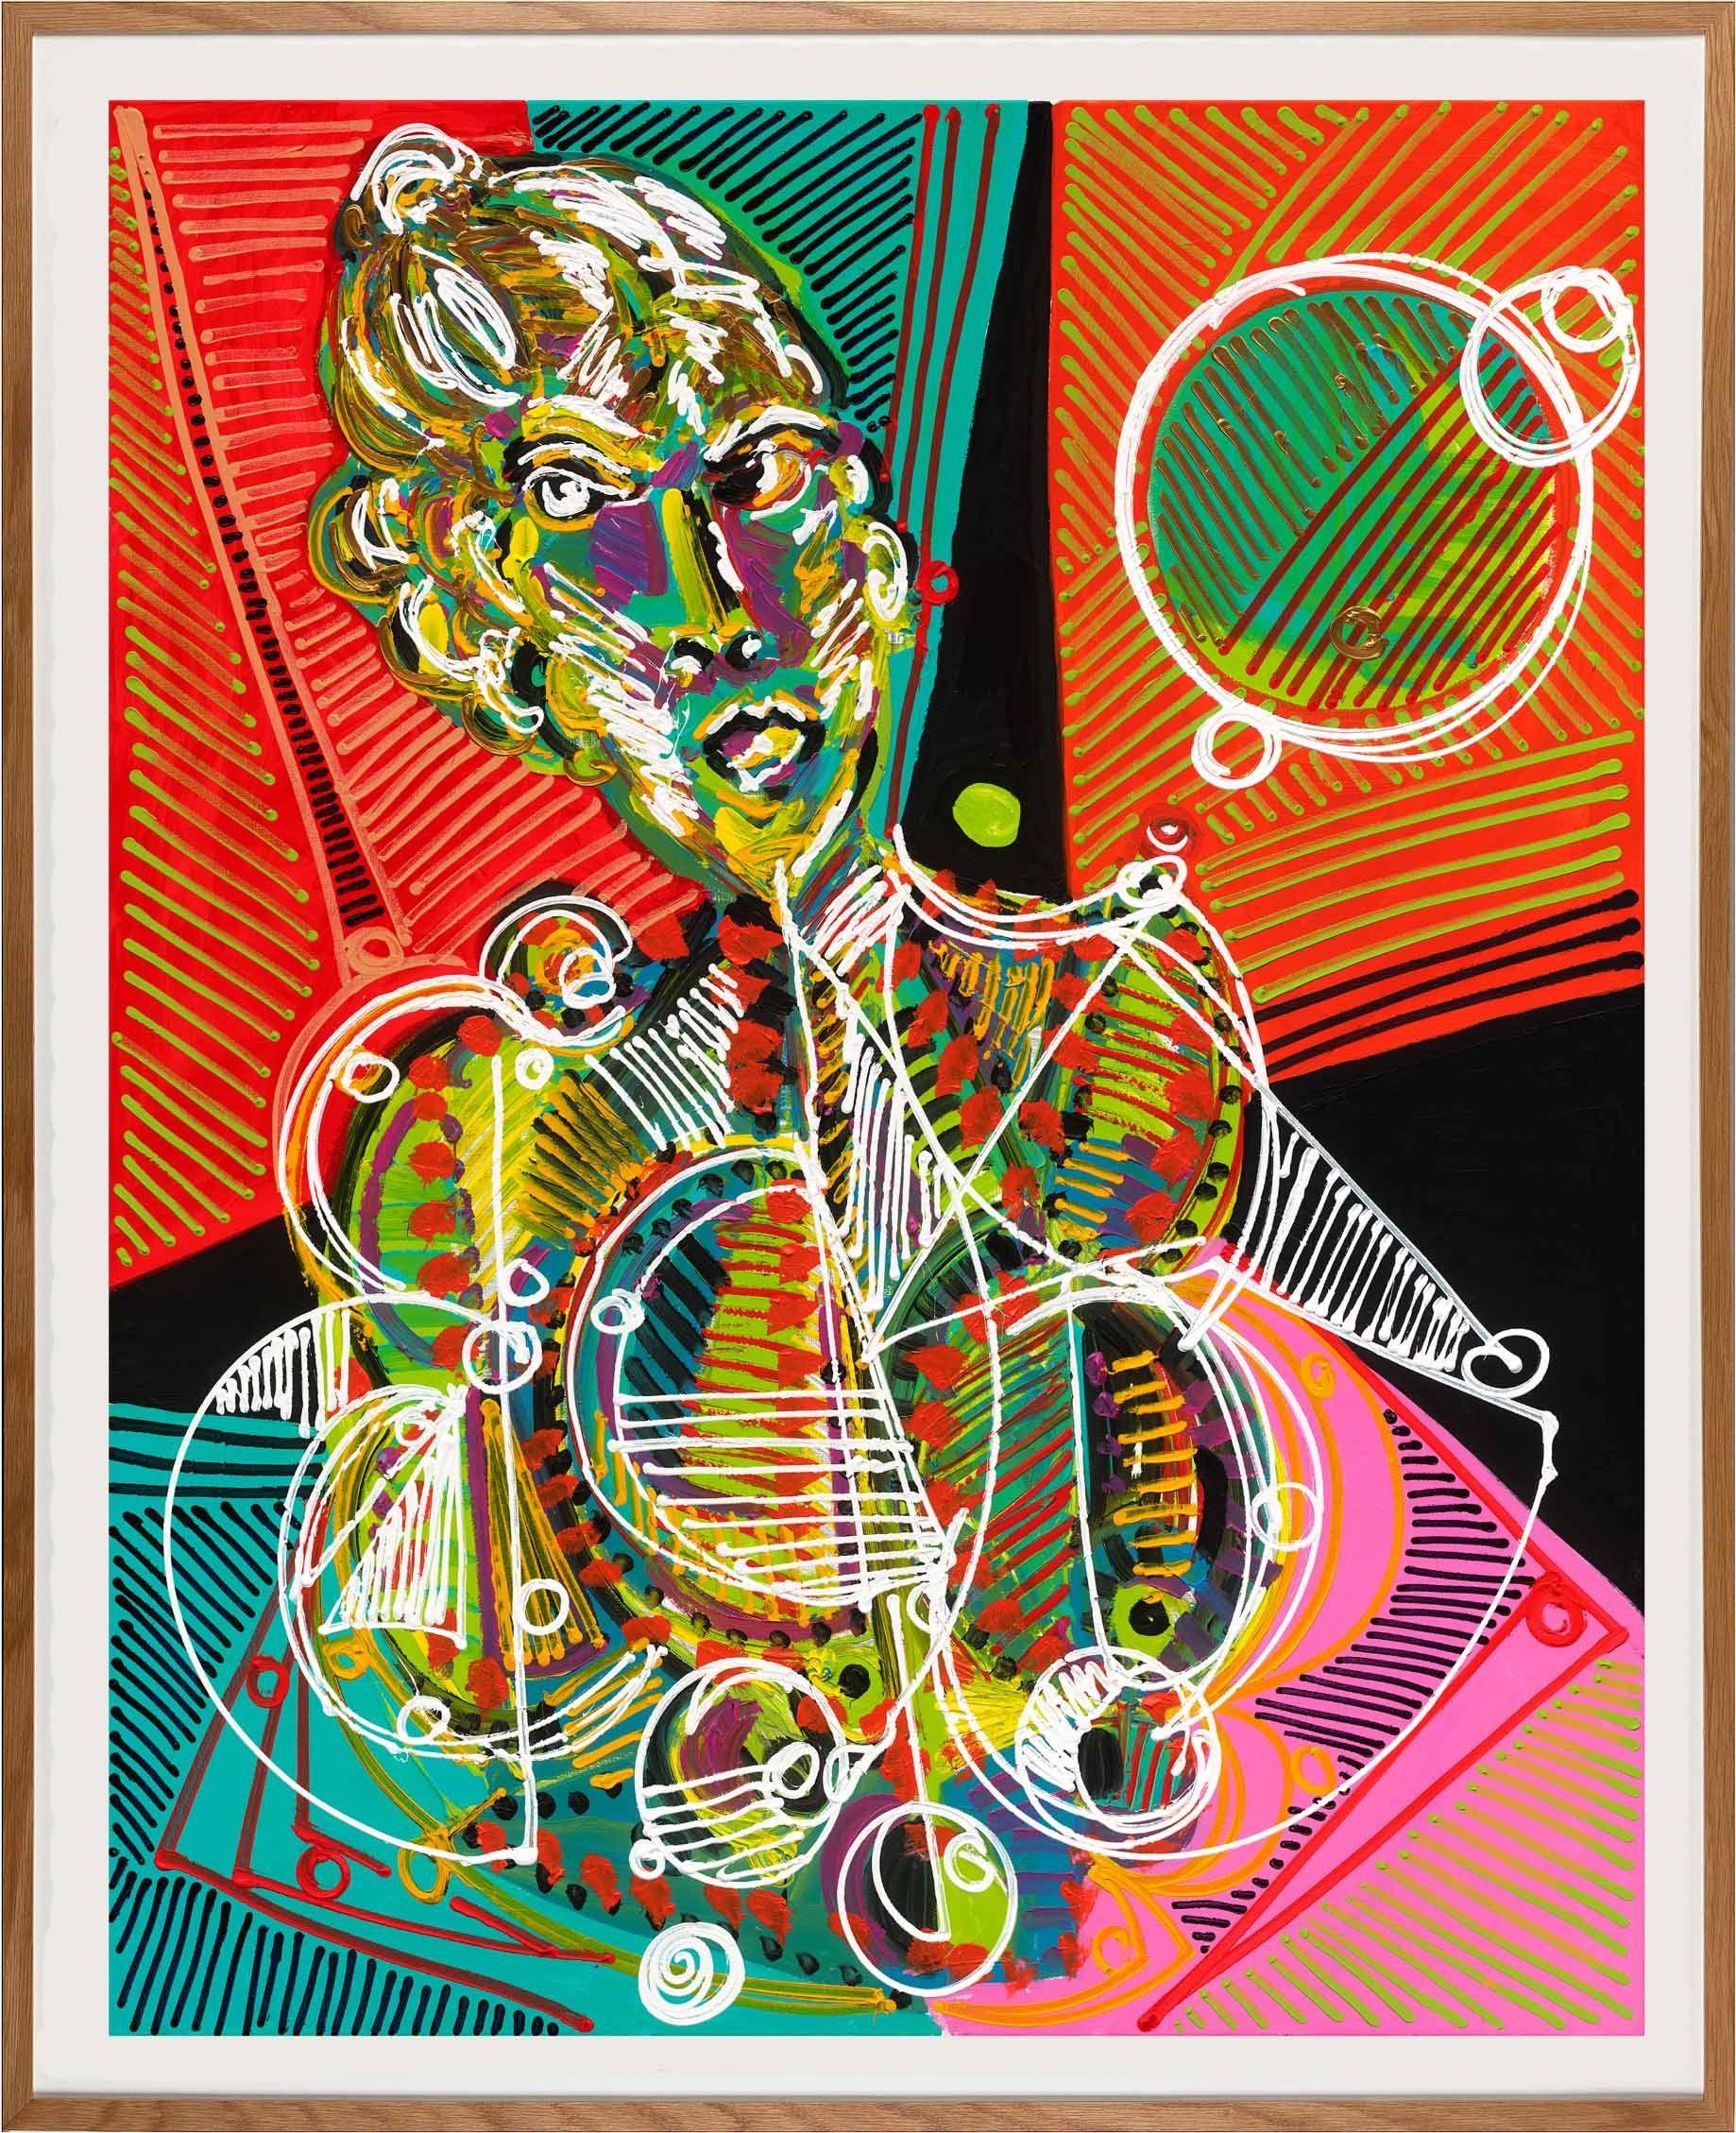 die galerie fur moderne kunst startseite selbstgemacht artpop amerikanischer maler modern